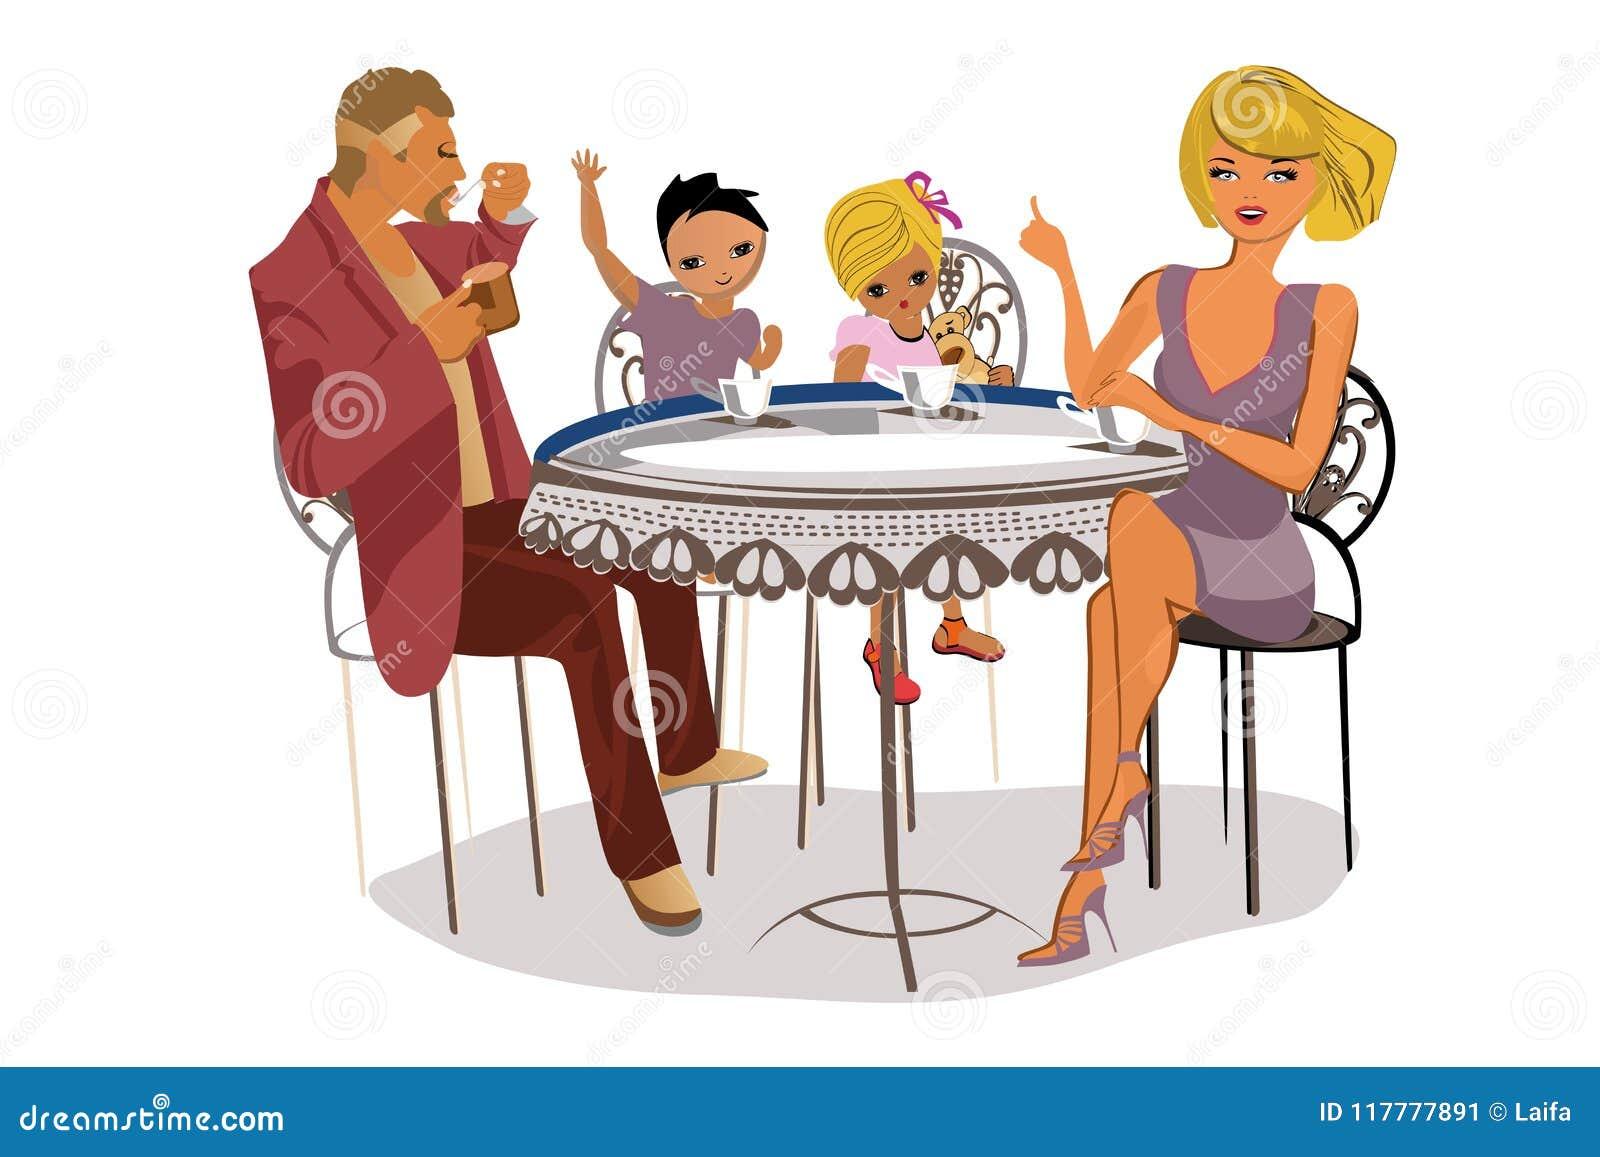 Wektorowa ilustracja szczęśliwy rodzina składająca się z czterech osób